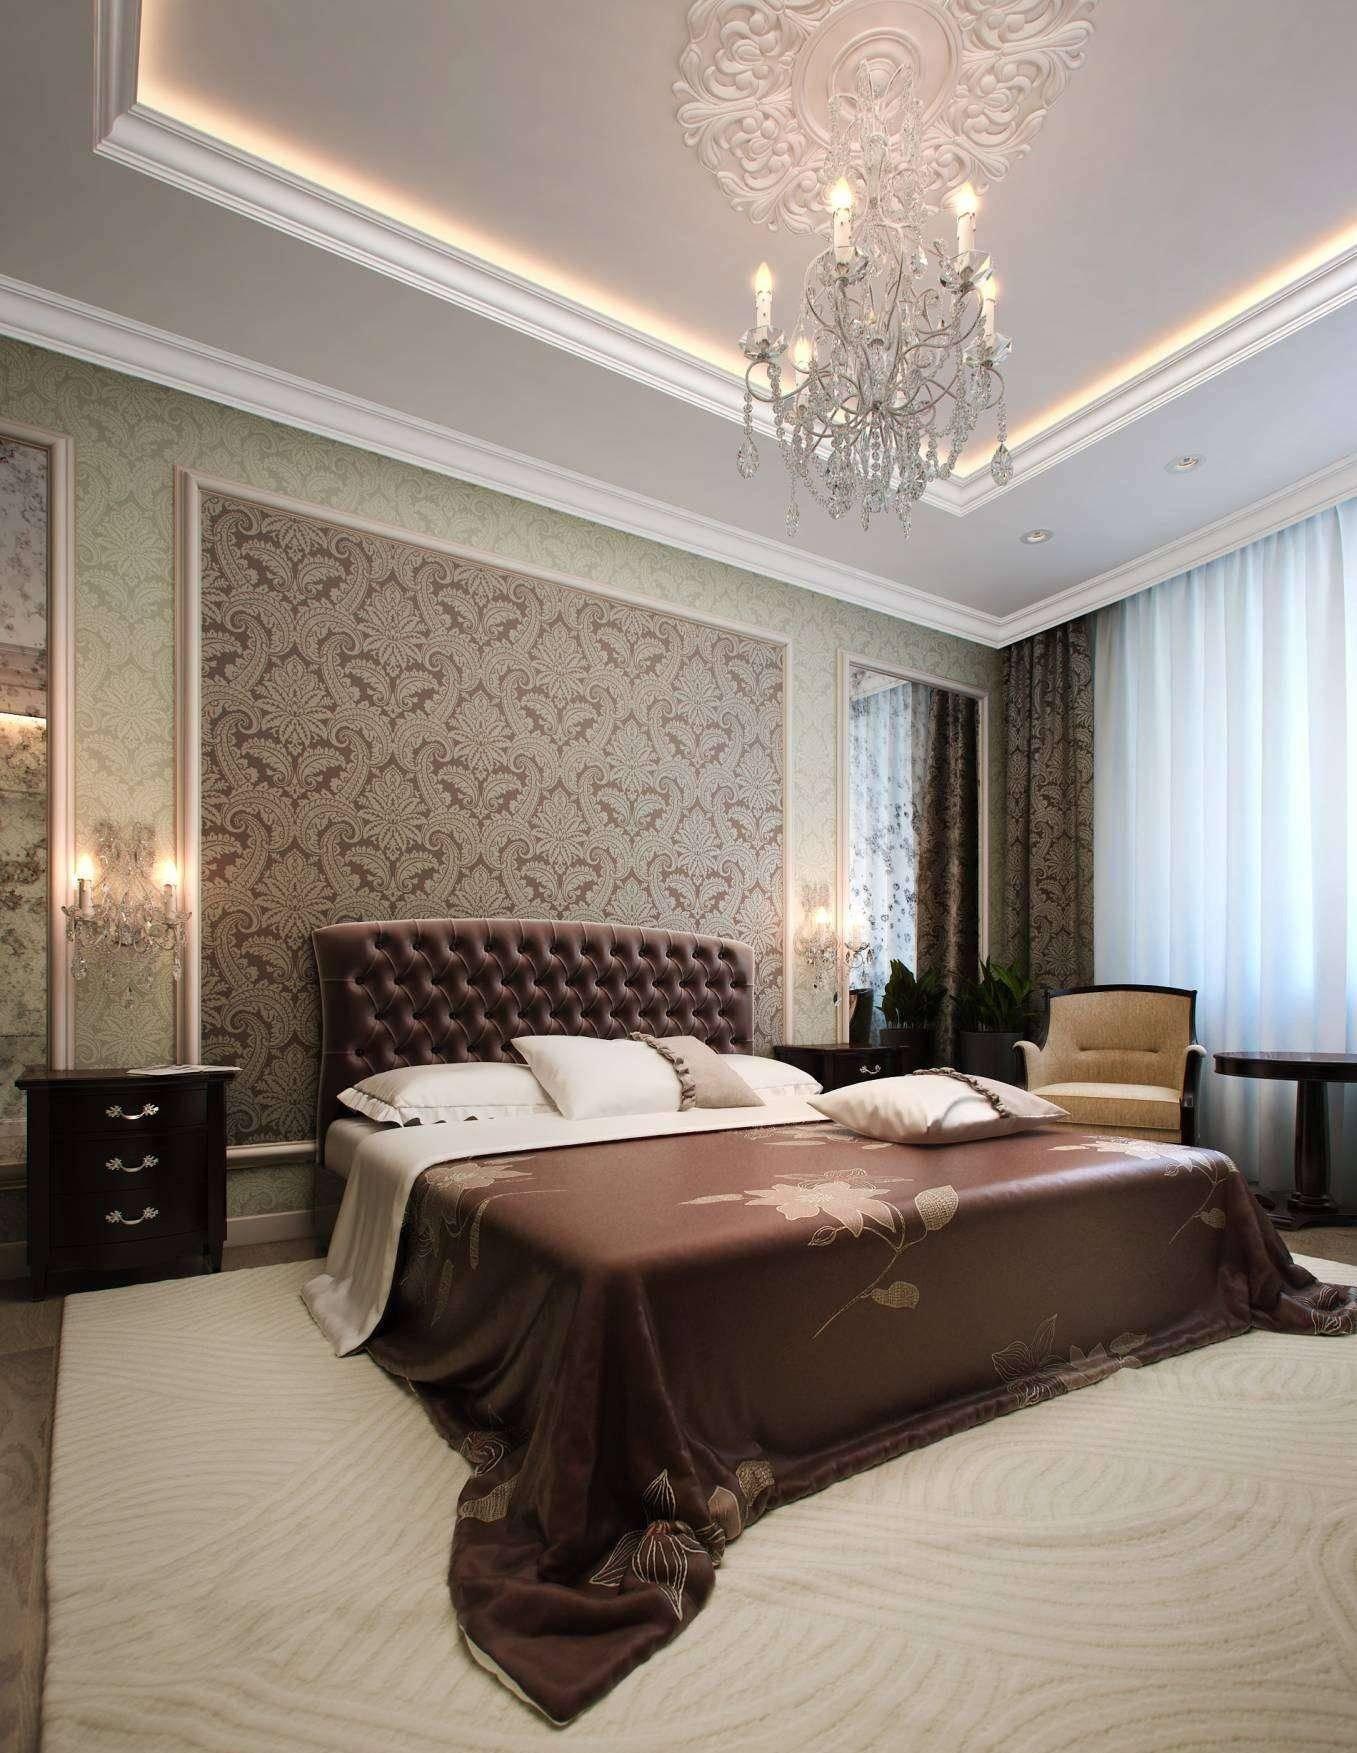 Как выбрать потолочный плинтус: виды по материалу, фактуре, форме, размеру, цвету, дизайну, типу потолка